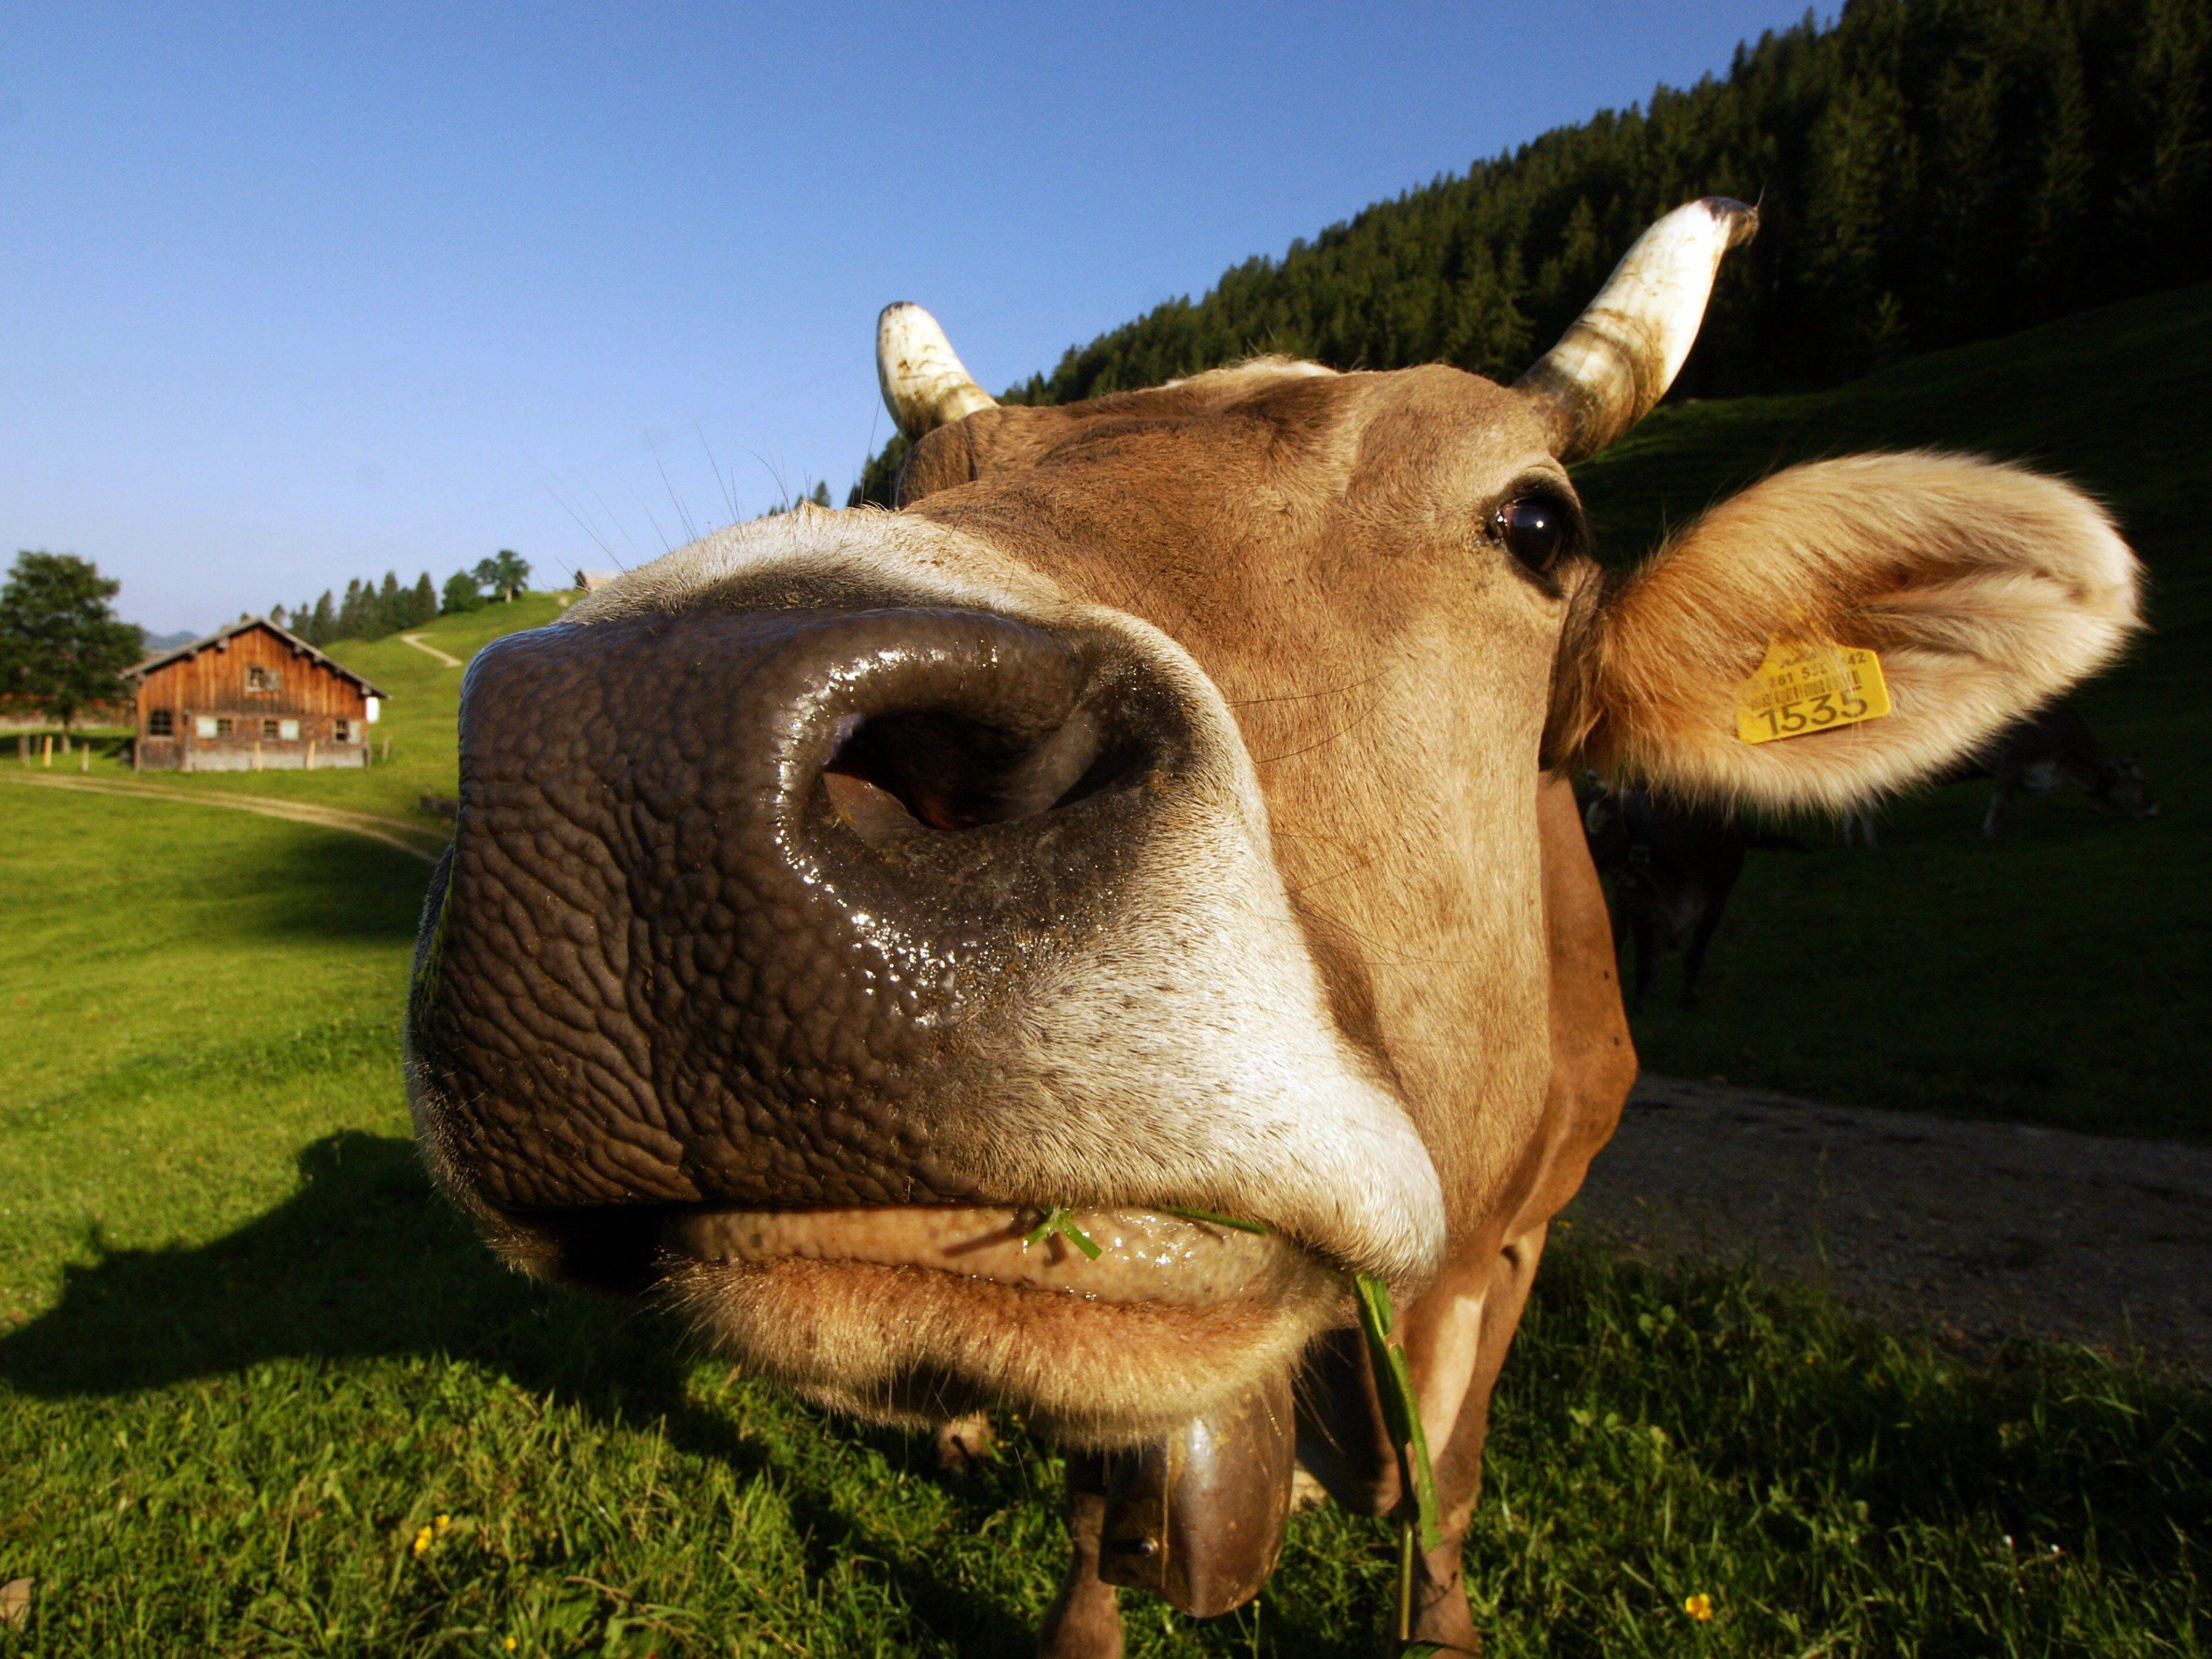 Deutsche Tierschützer halten Kuhglocken für Tierquälerei und fordern Verbot.